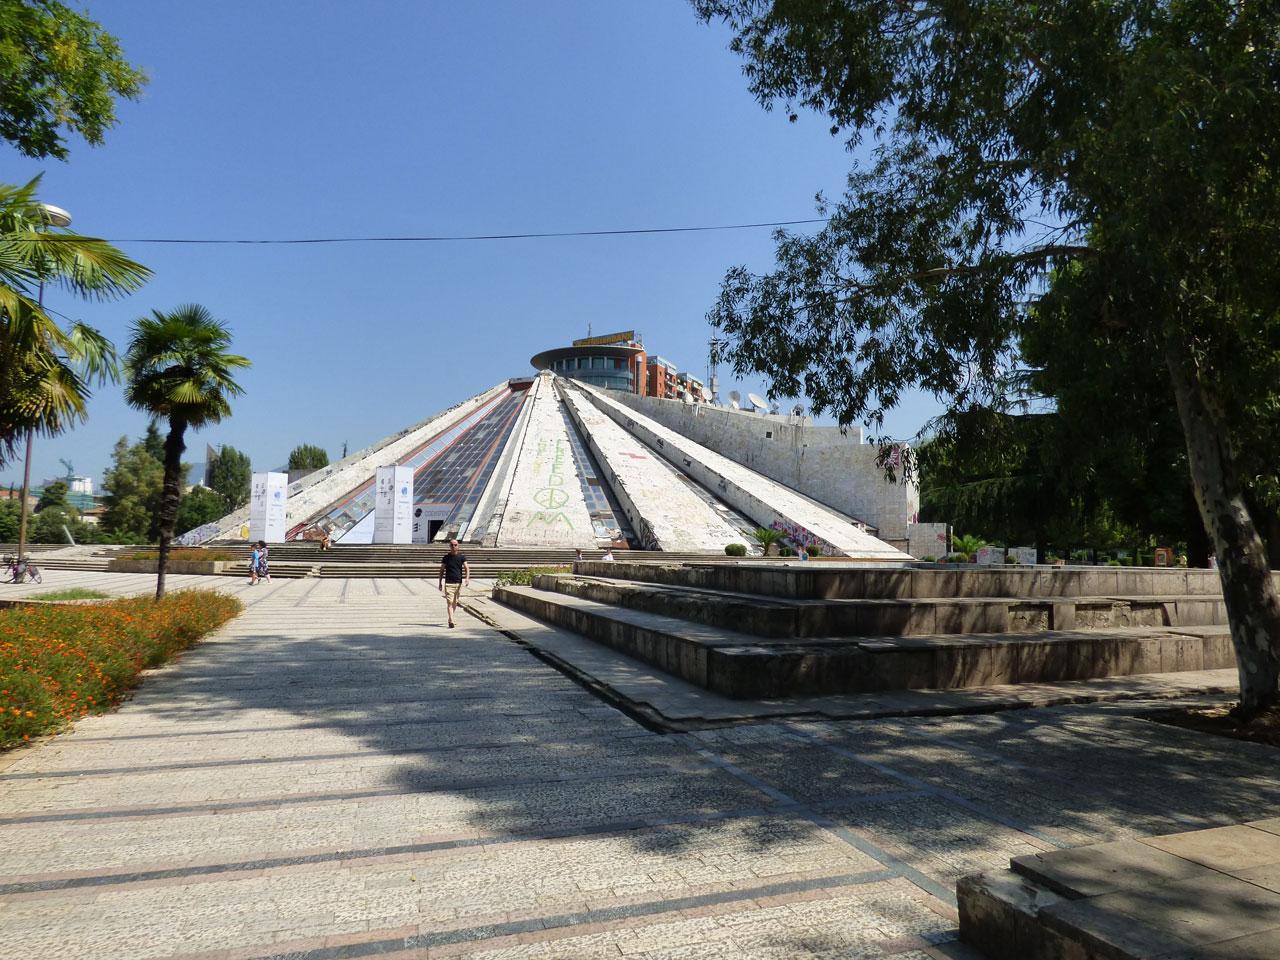 The Pyramid, Tirana, Albania